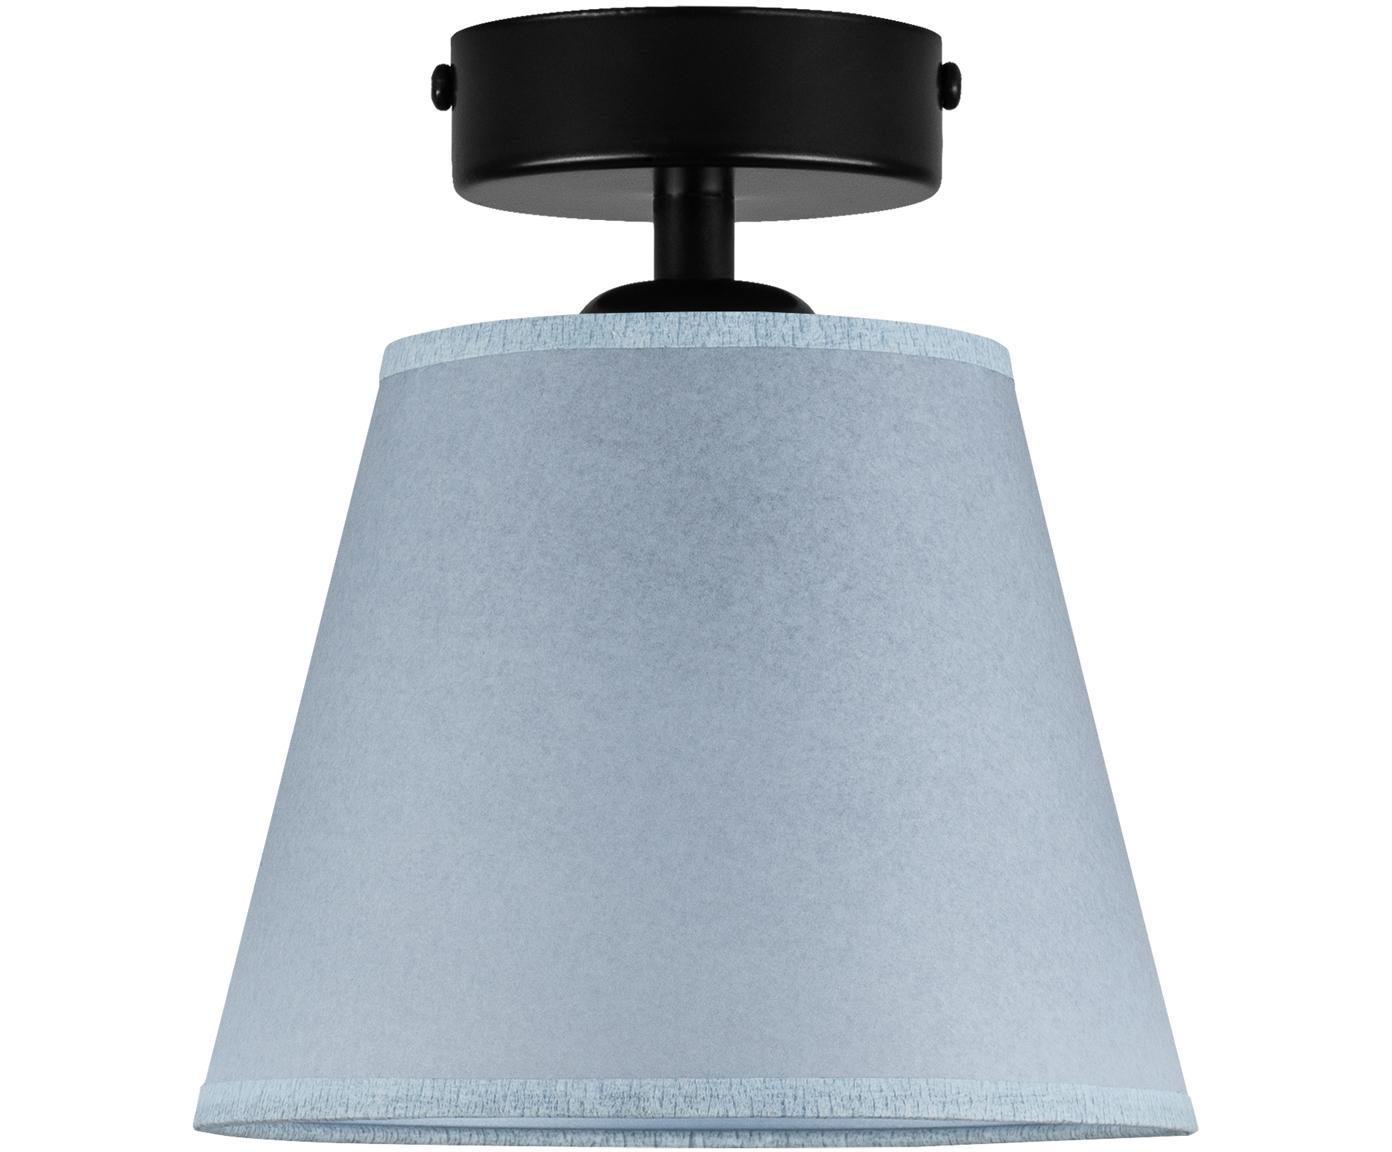 Kleine plafondlamp Iro van papier, Lampenkap: papier, Baldakijn: gepoedercoat metaal, Blauw, zwart, Ø 16 x H 18 cm